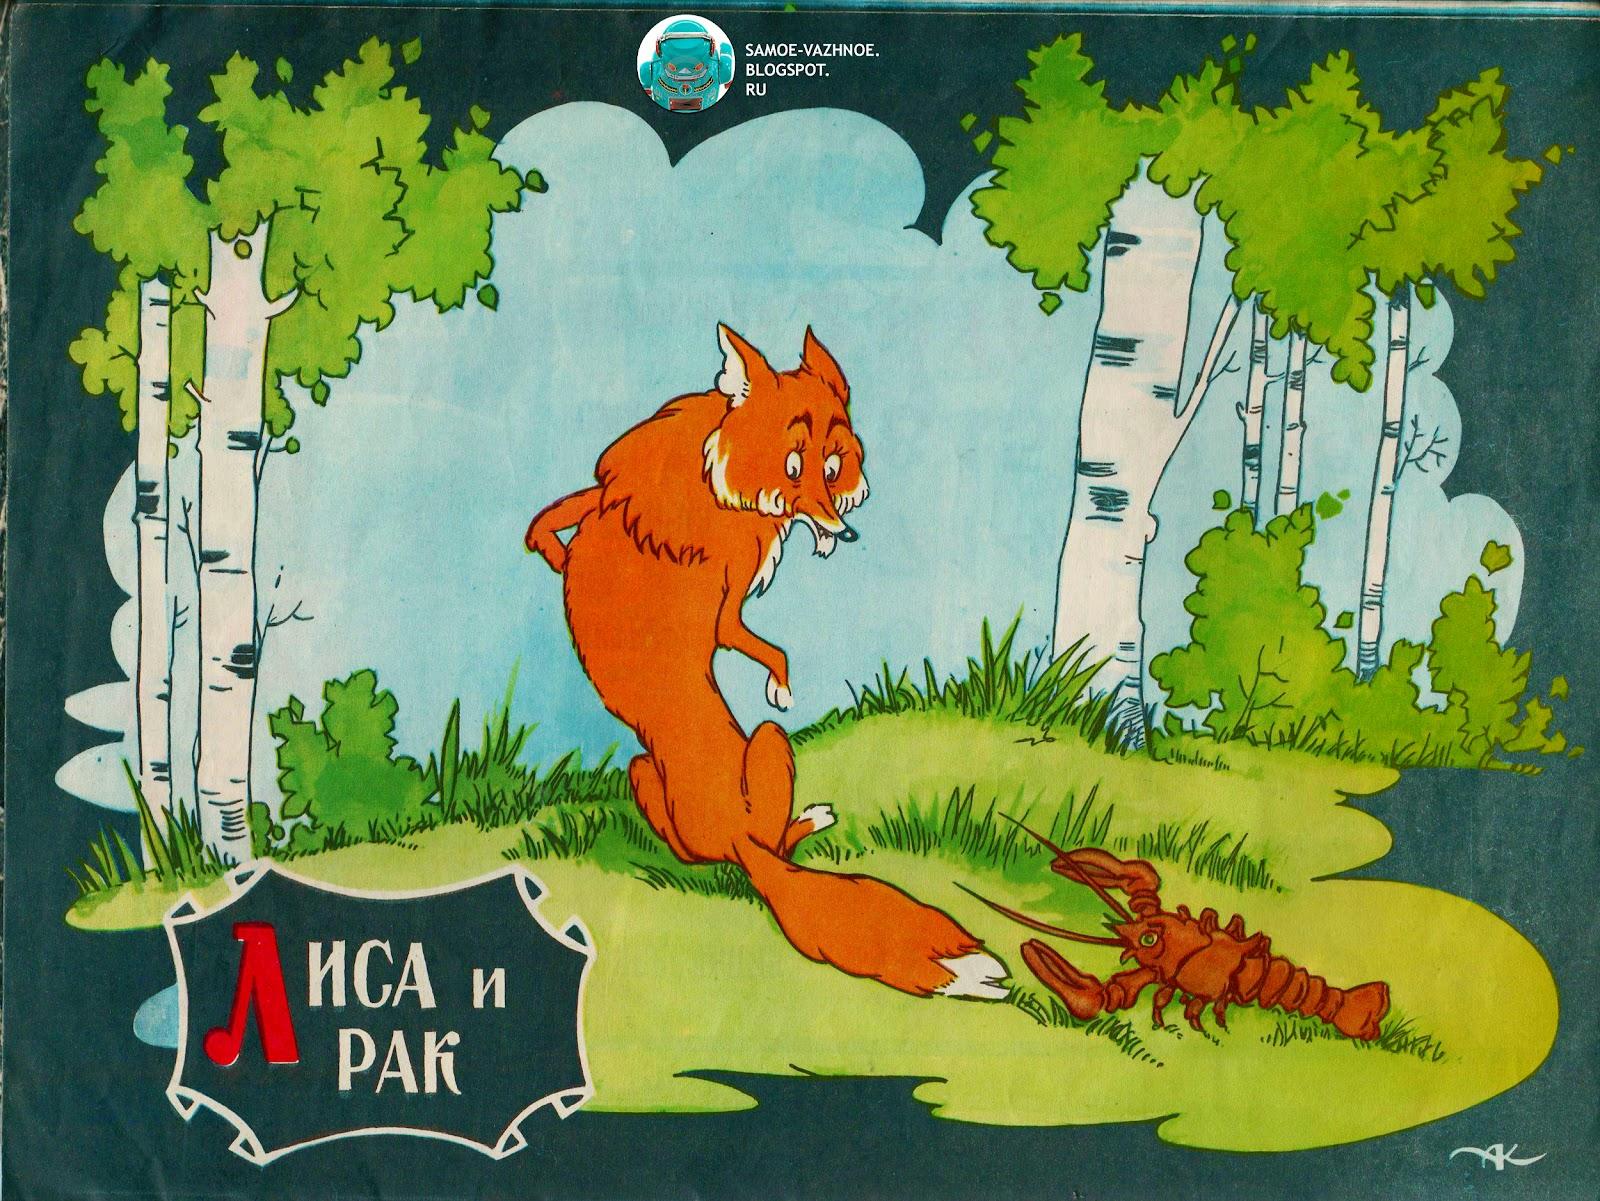 Сказка лиса и рак в картинках